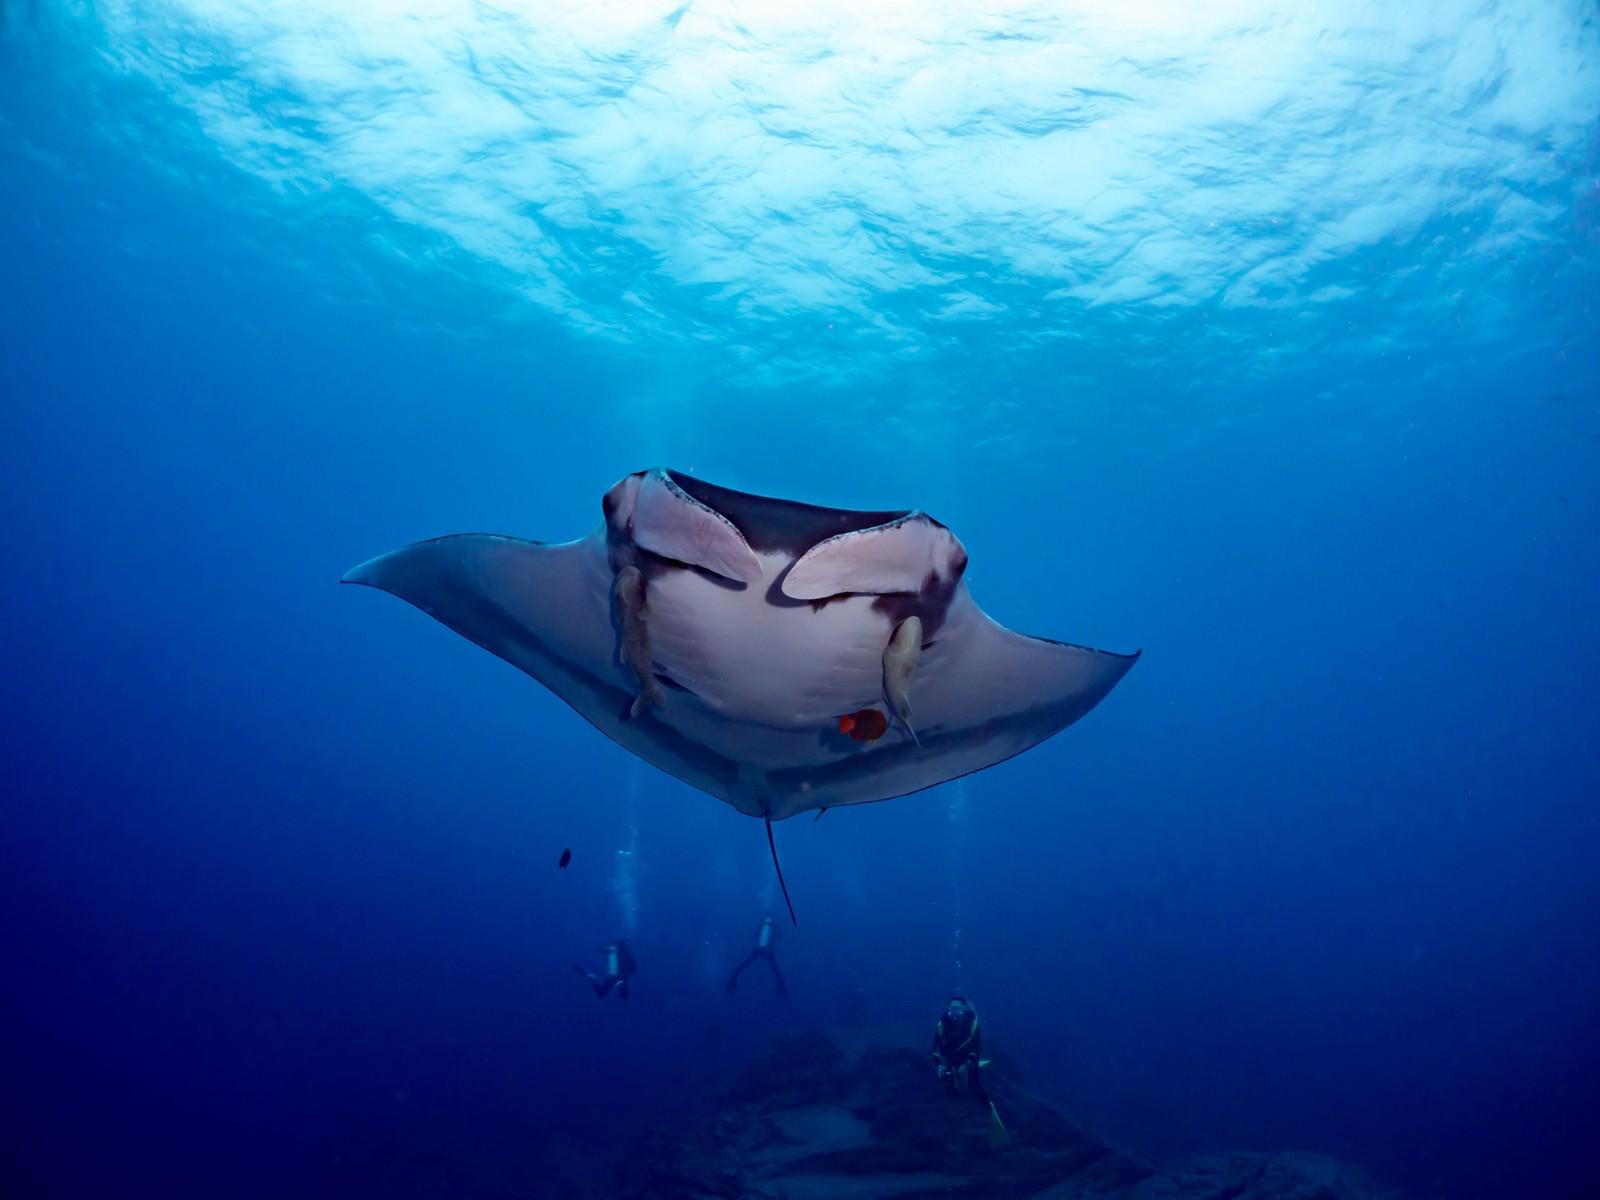 「コバンザメとキングエンジェルフィッシュを引き連れて泳ぐマンタとダイバー」の写真